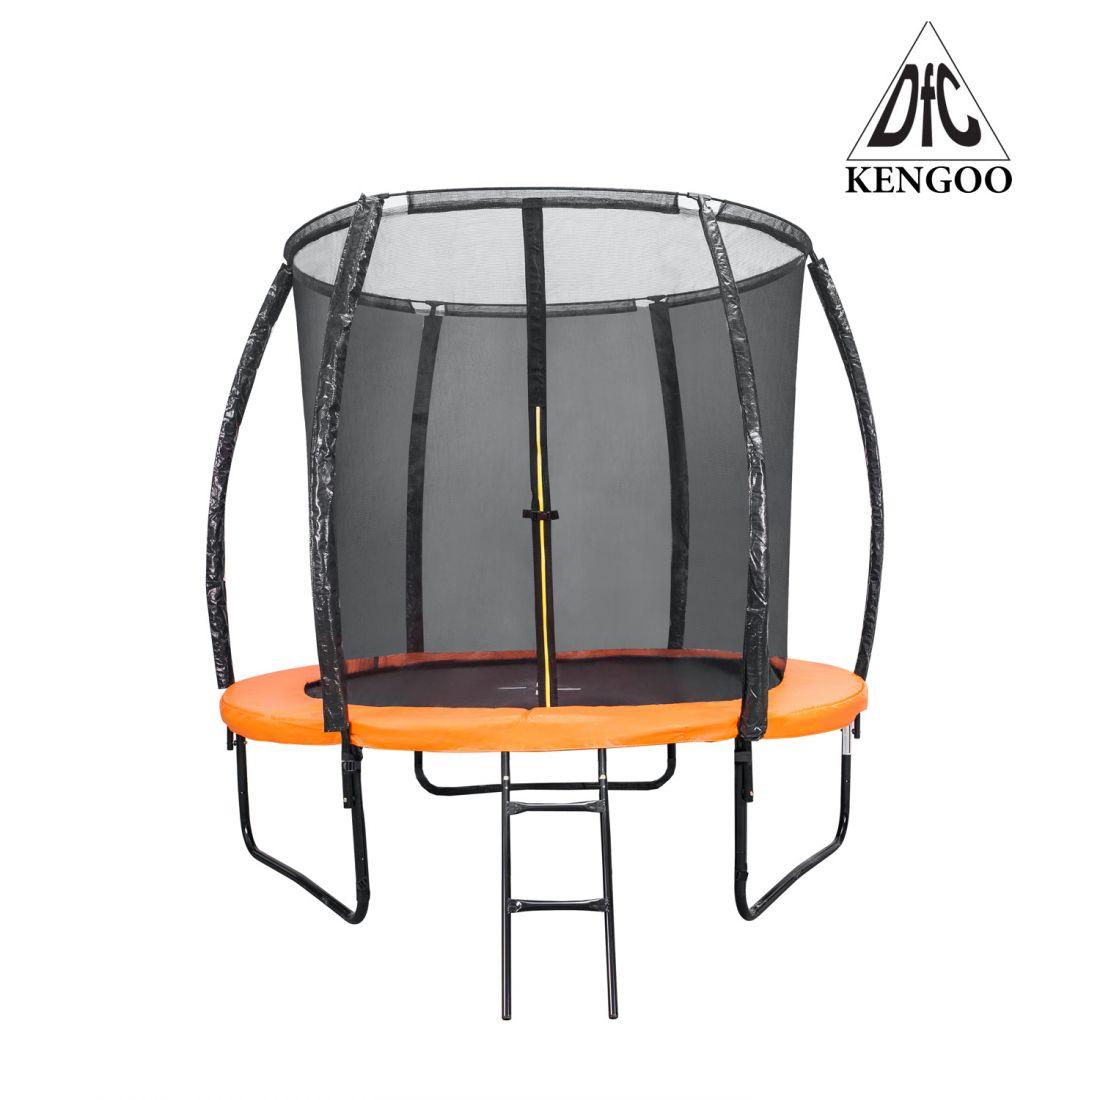 Батут с внутренней защитной сеткой - DFC Trampoline Kengoo 6FT-TR-E-BAS (1,83м)